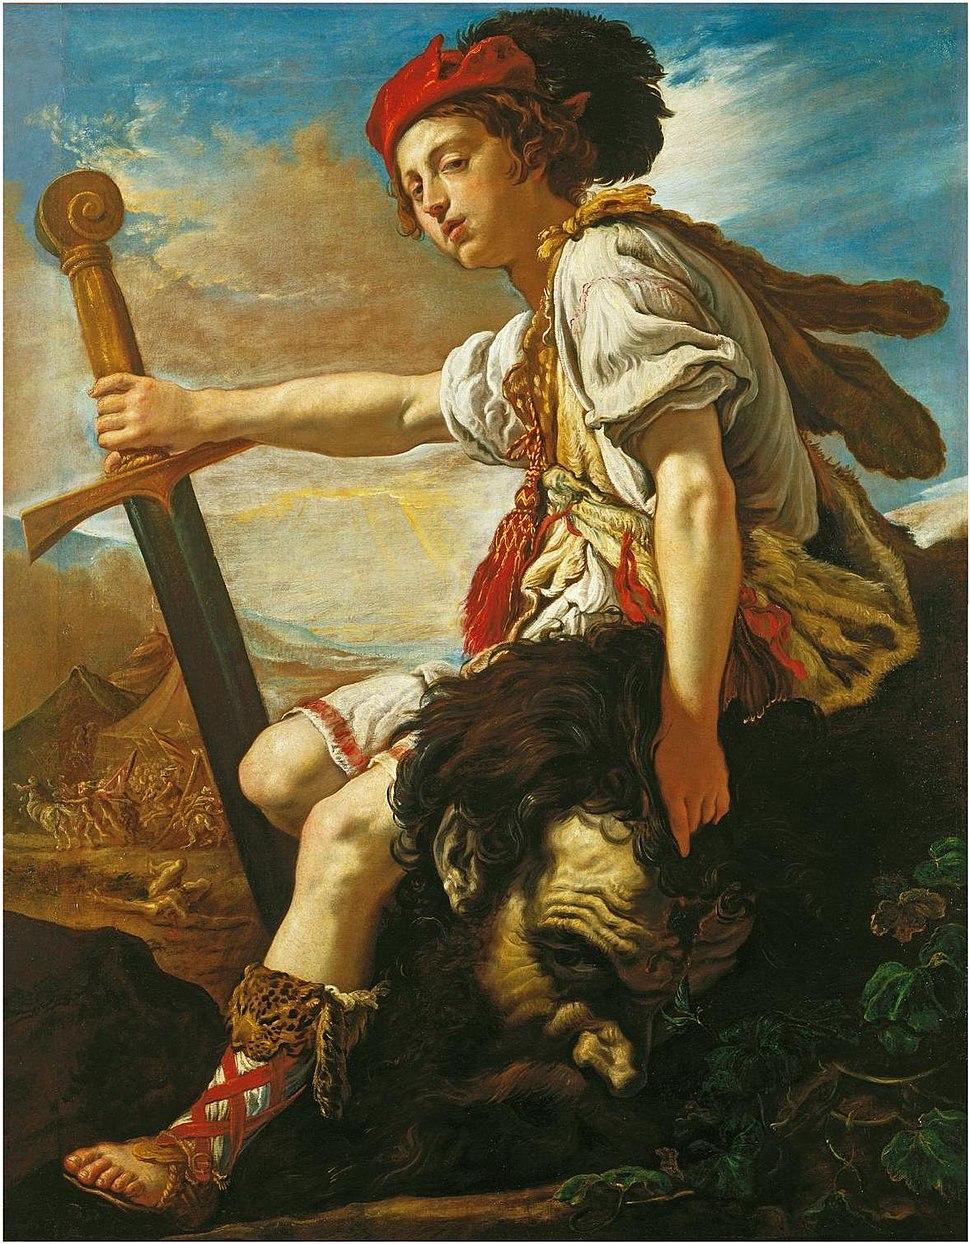 FETTI, Domenico - David with the head of Goliath (1620)